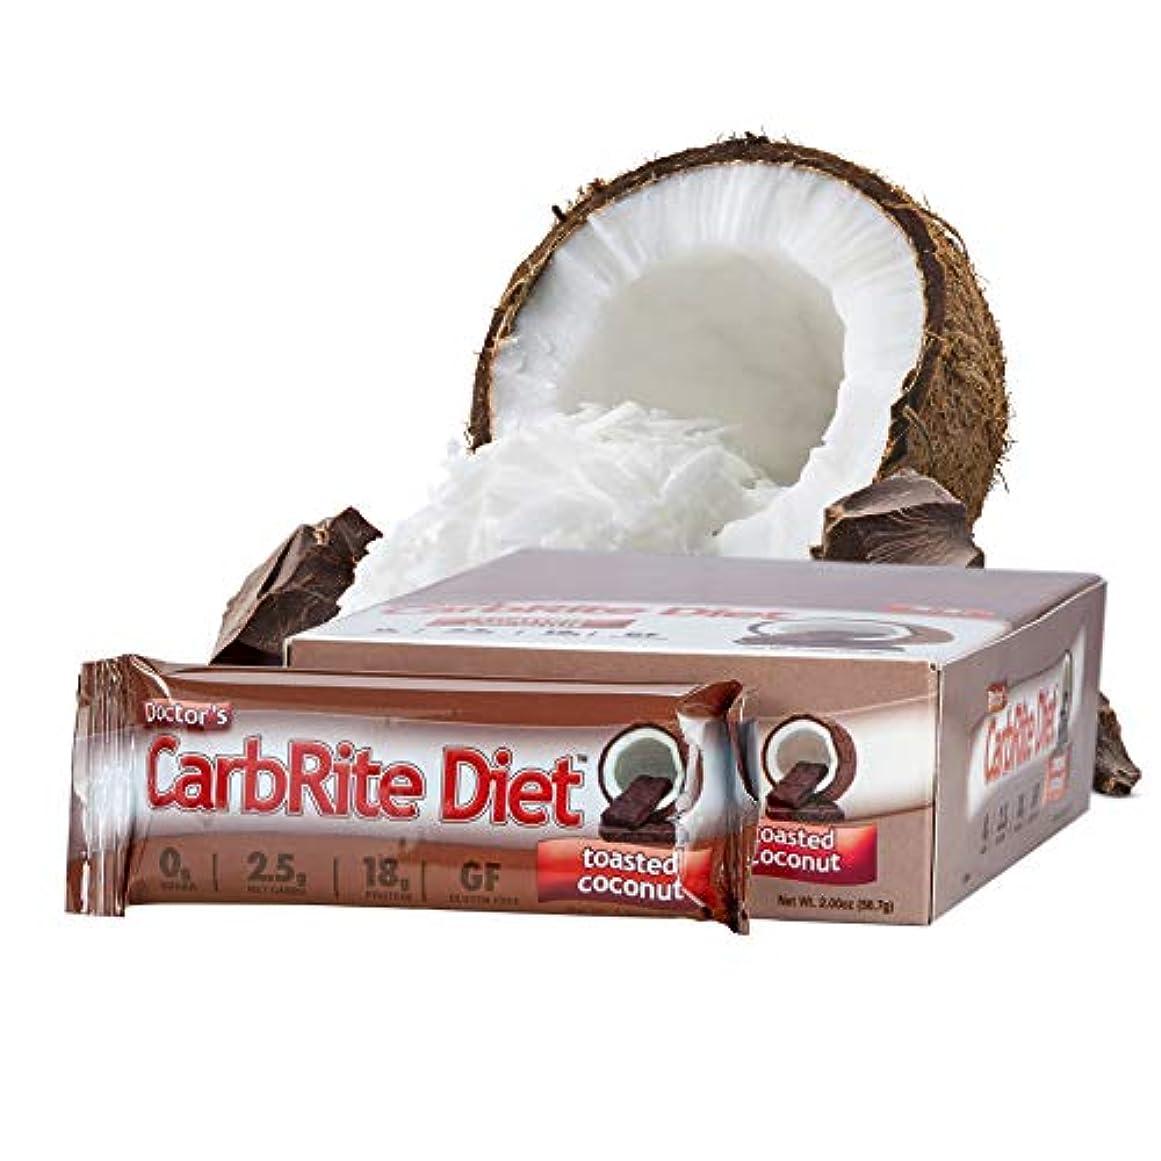 ナチュラル好戦的なところでUniversal Nutrition - Doctor's CarbRite ダイエット バー ボックス トースト ココナッツ - 1バー